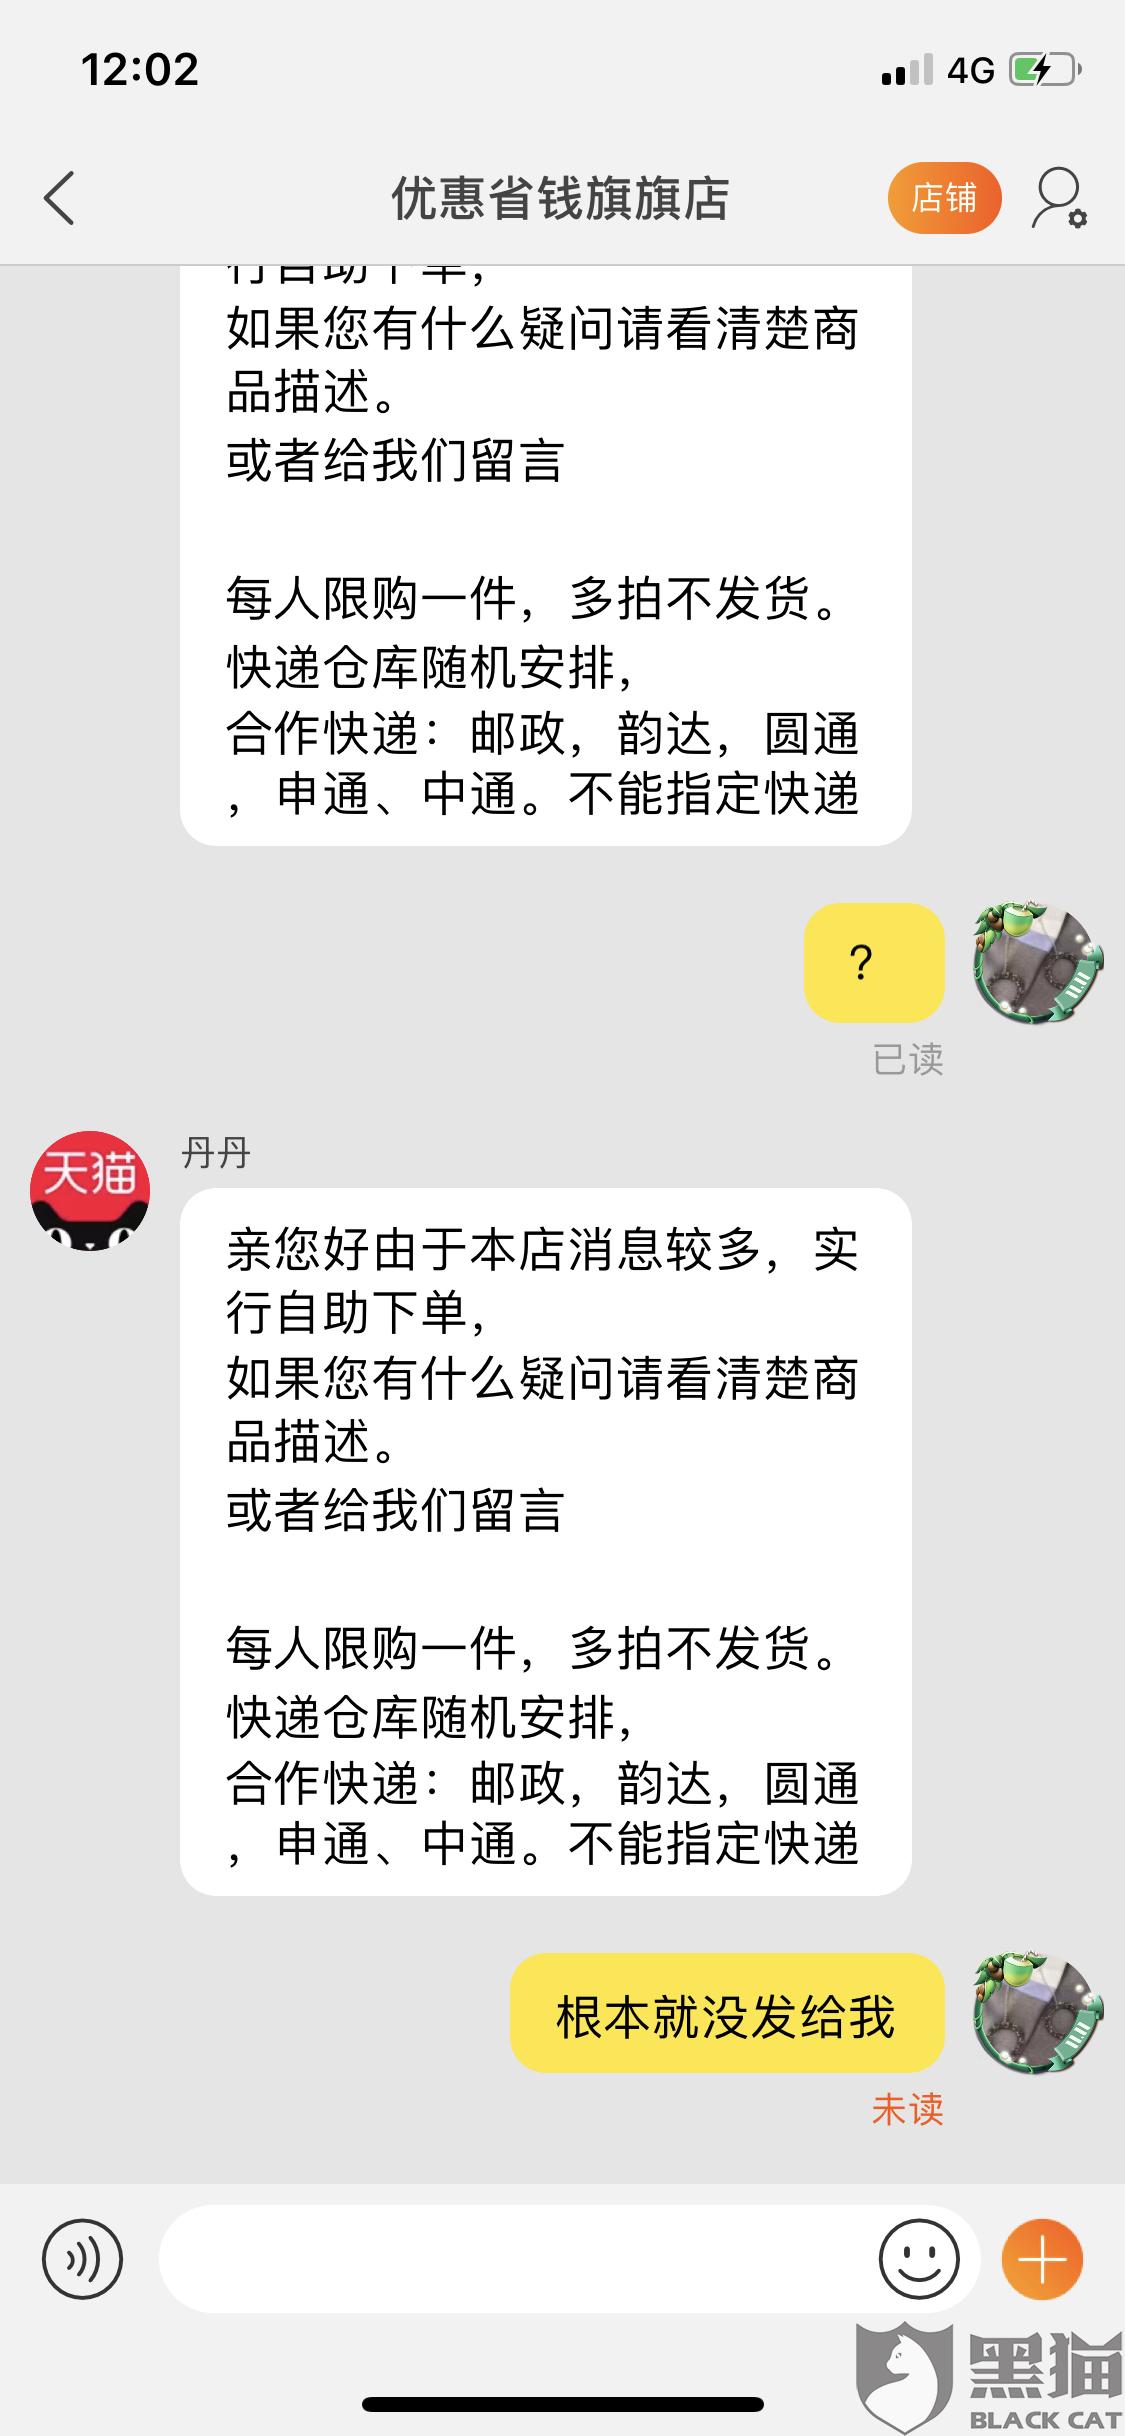 黑猫投诉:优惠省钱旗舰店虚假发货填假物流信息